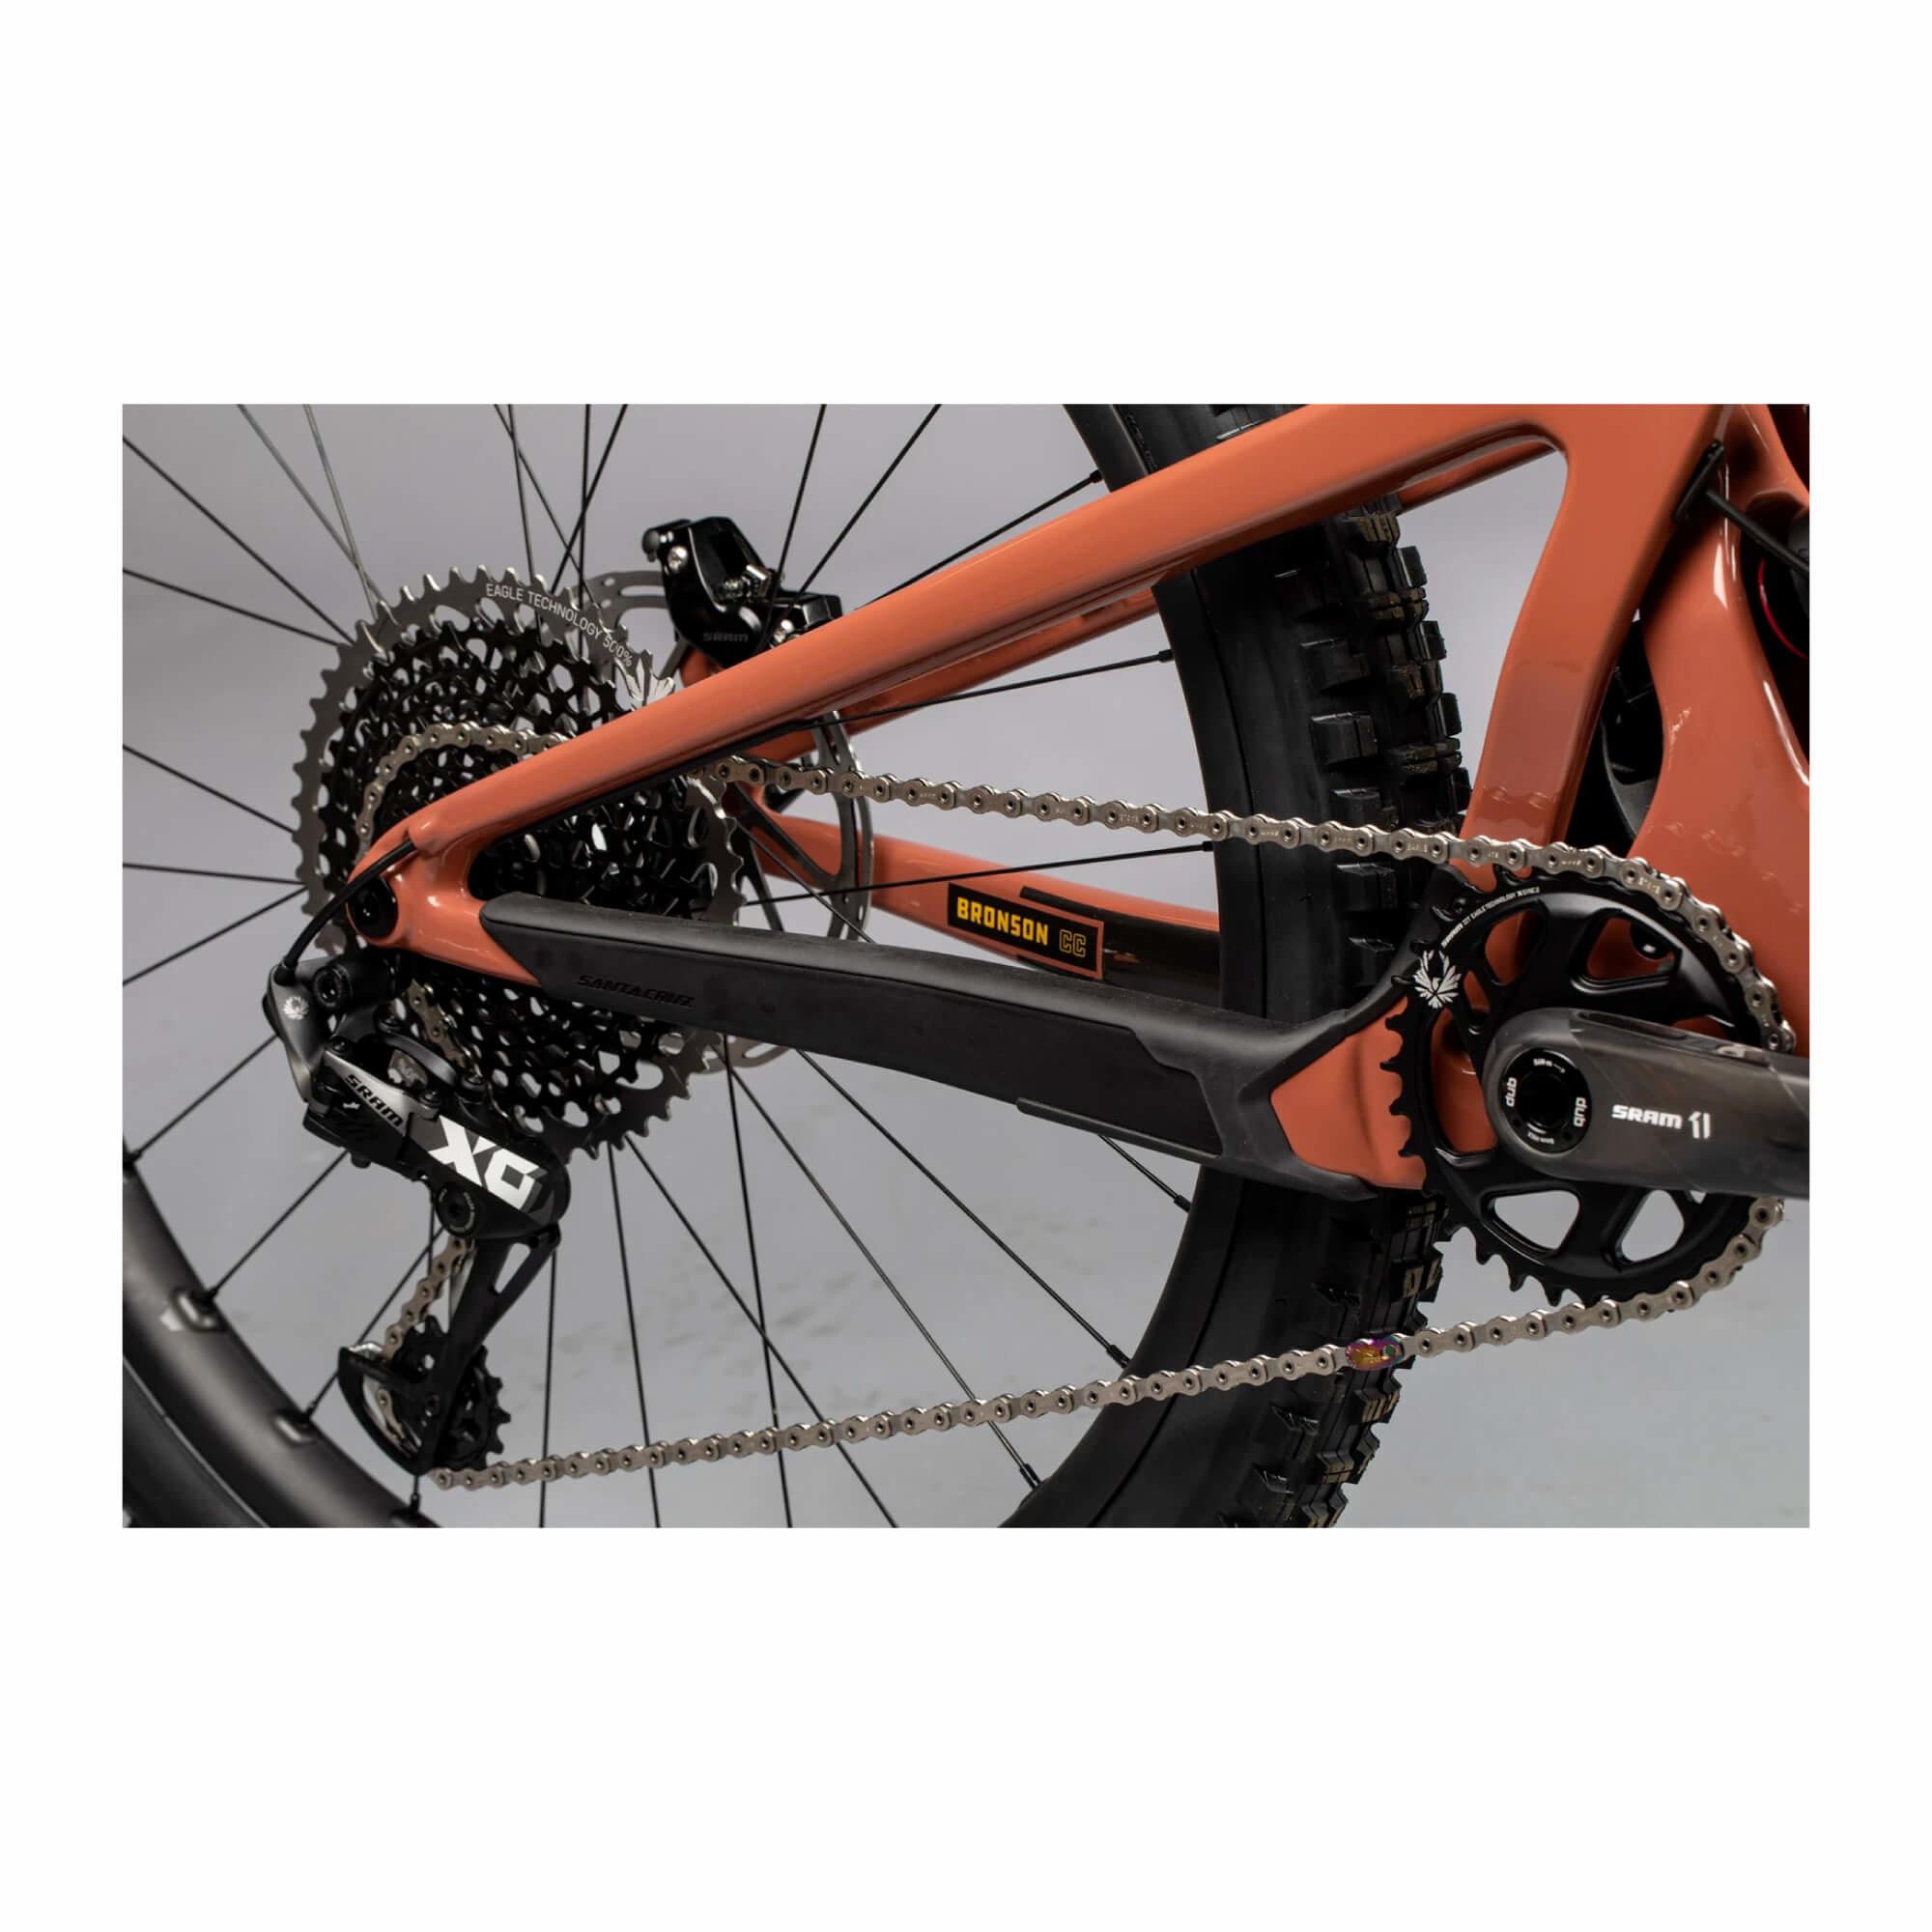 Bronson 3.0 C 27.5 S GX RS Lyrik Select + 160  2020-3